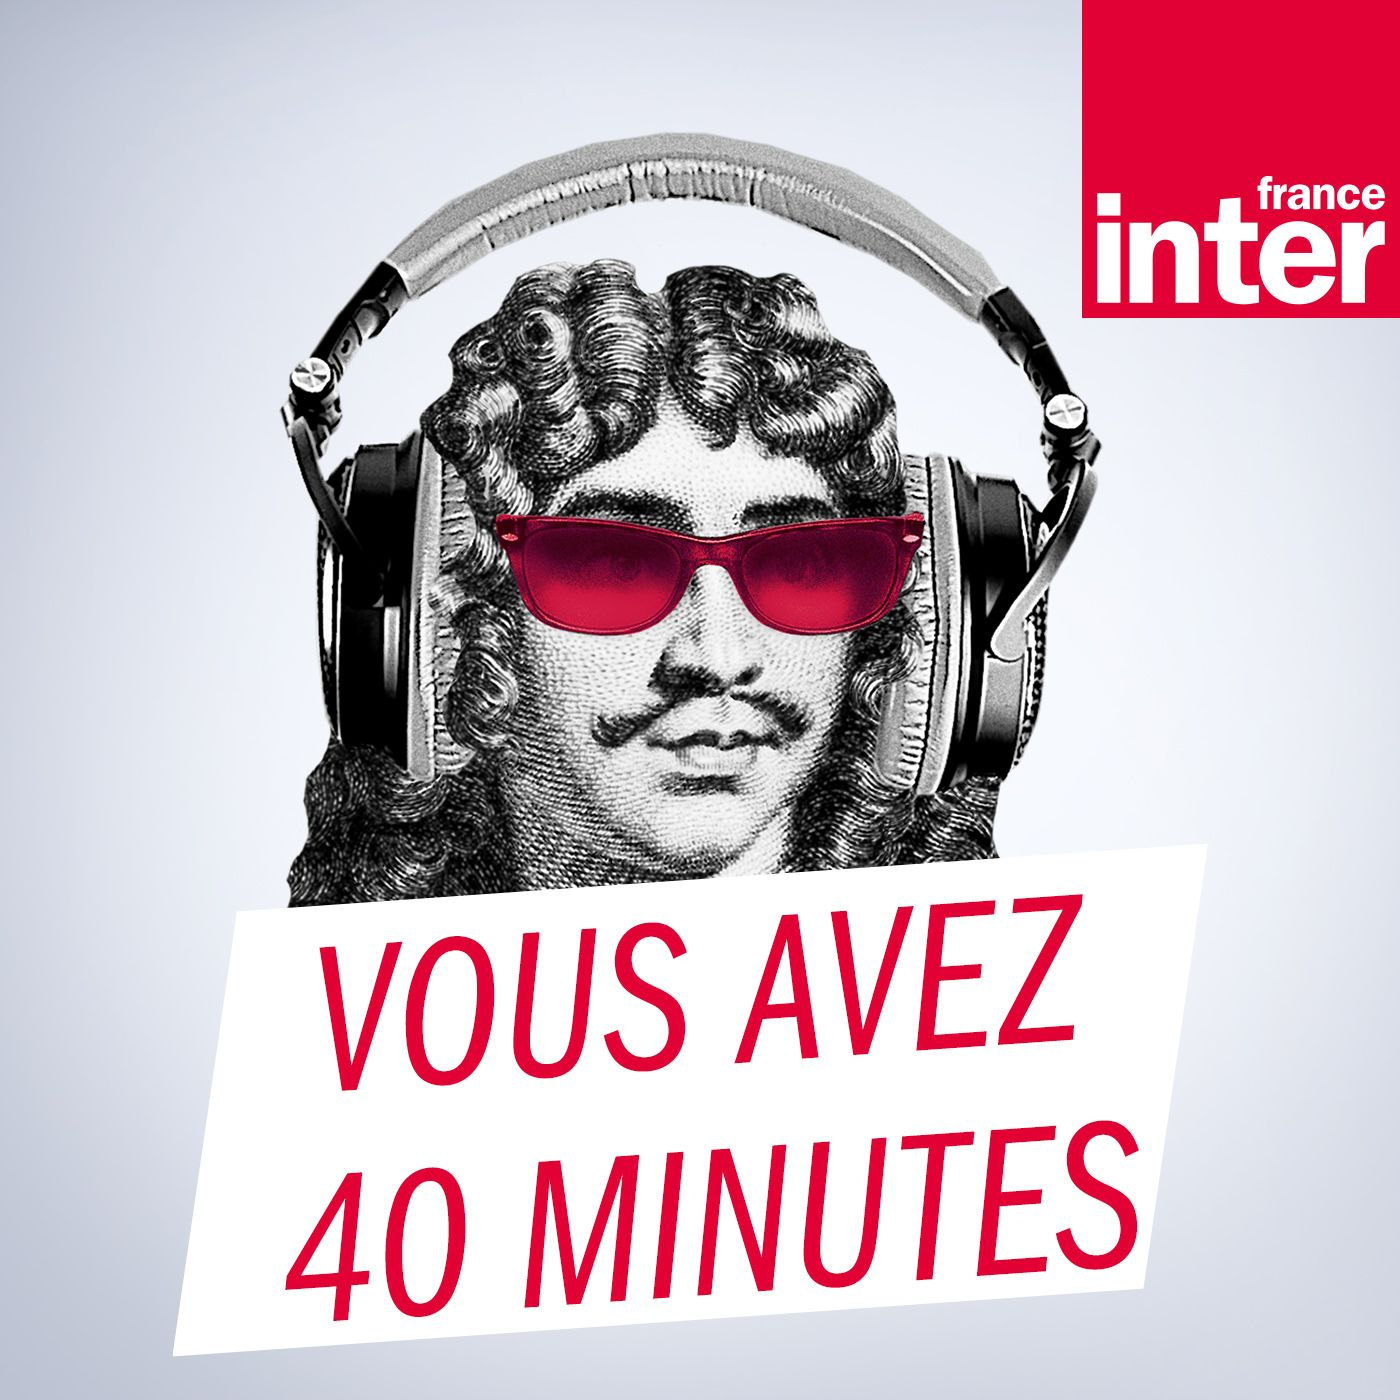 Image 1: Vous avez 40 minutes